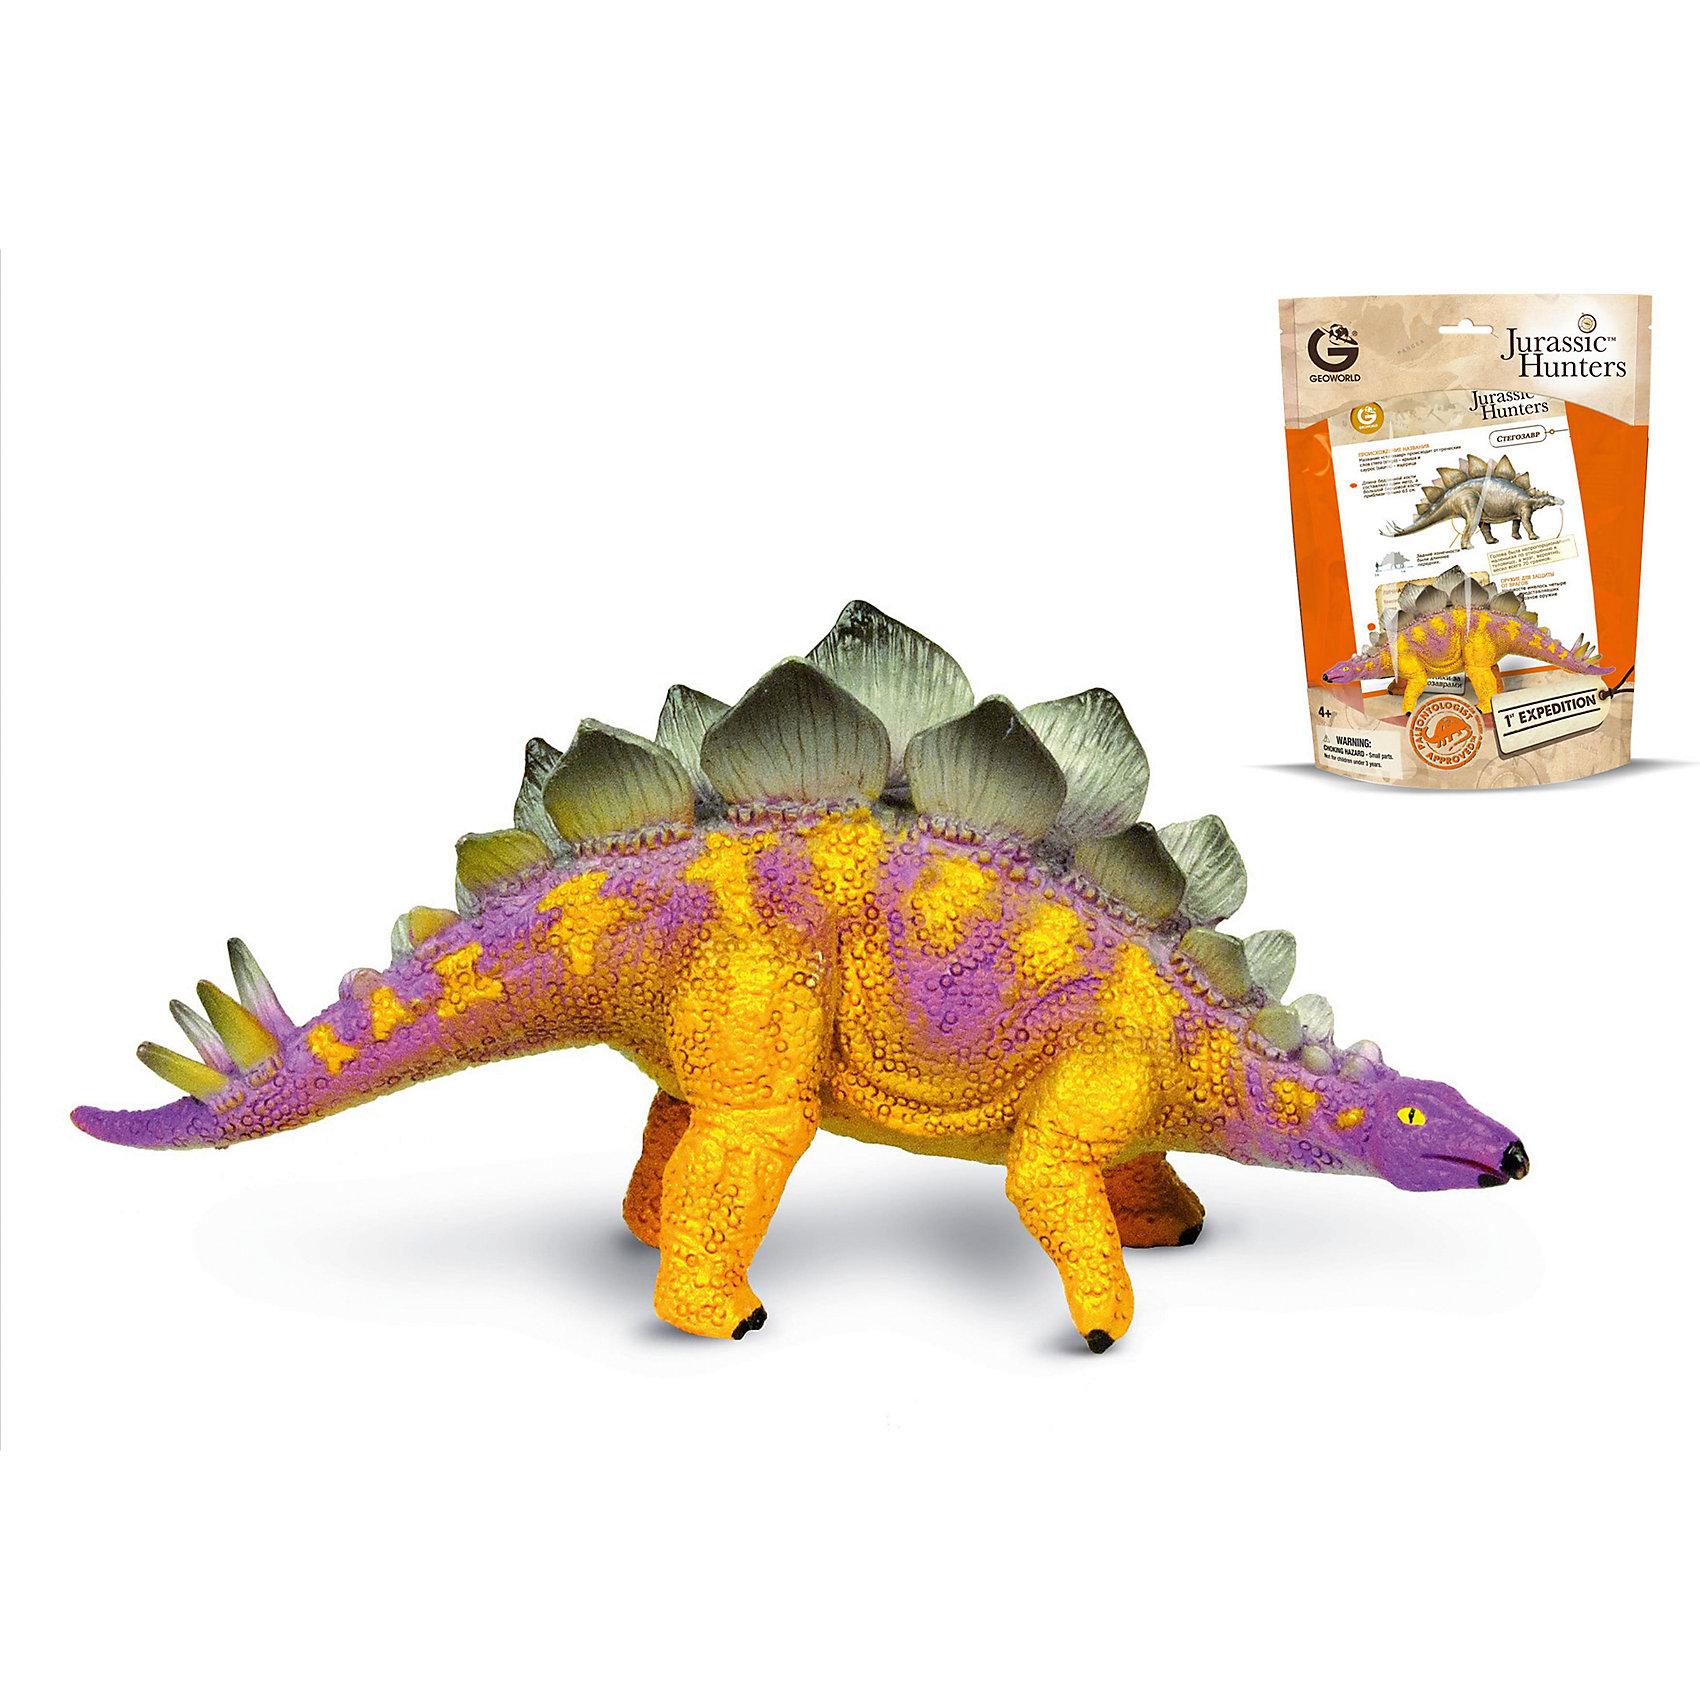 Динозавр Стегозавр, коллекция Jurassic Hunters», GeoworldСтегозавры населяли нашу планету в незапамятные времена, более 155-145 млн. лет назад. Этих динозавров легко идентифицировать по особенному спинному гребню, которой по своей форме напоминает вертикально стоящие лепестки. Еще больше интересных фактов о стегозавре ребенок сможет узнать из буклета, который идет в комплекте с фигуркой. А сама фигурка максимально точно сможет дать ответ на вопрос, как выглядели стегозавры. Компания Geoworld тщательнейшим образом следит за достоверностью выпускаемых моделей динозавров. Фигурка раскрашена вручную, могут быть незначительные отличия в вариации раскраски.<br><br>Комплект: <br><br>Фигурка динозавра; <br>Страница с научной информацией о динозавре;<br>Мини-буклет с указанием полной коллекции Jurassic Hunters (Охотников за Динозаврами).<br><br><br>Основные характеристики:<br><br>Размер упаковки: 34 х 21 х 8 см<br>Длина самой игрушки: 15 см<br><br>Ширина мм: 210<br>Глубина мм: 80<br>Высота мм: 270<br>Вес г: 114<br>Возраст от месяцев: 48<br>Возраст до месяцев: 108<br>Пол: Унисекс<br>Возраст: Детский<br>SKU: 5418989